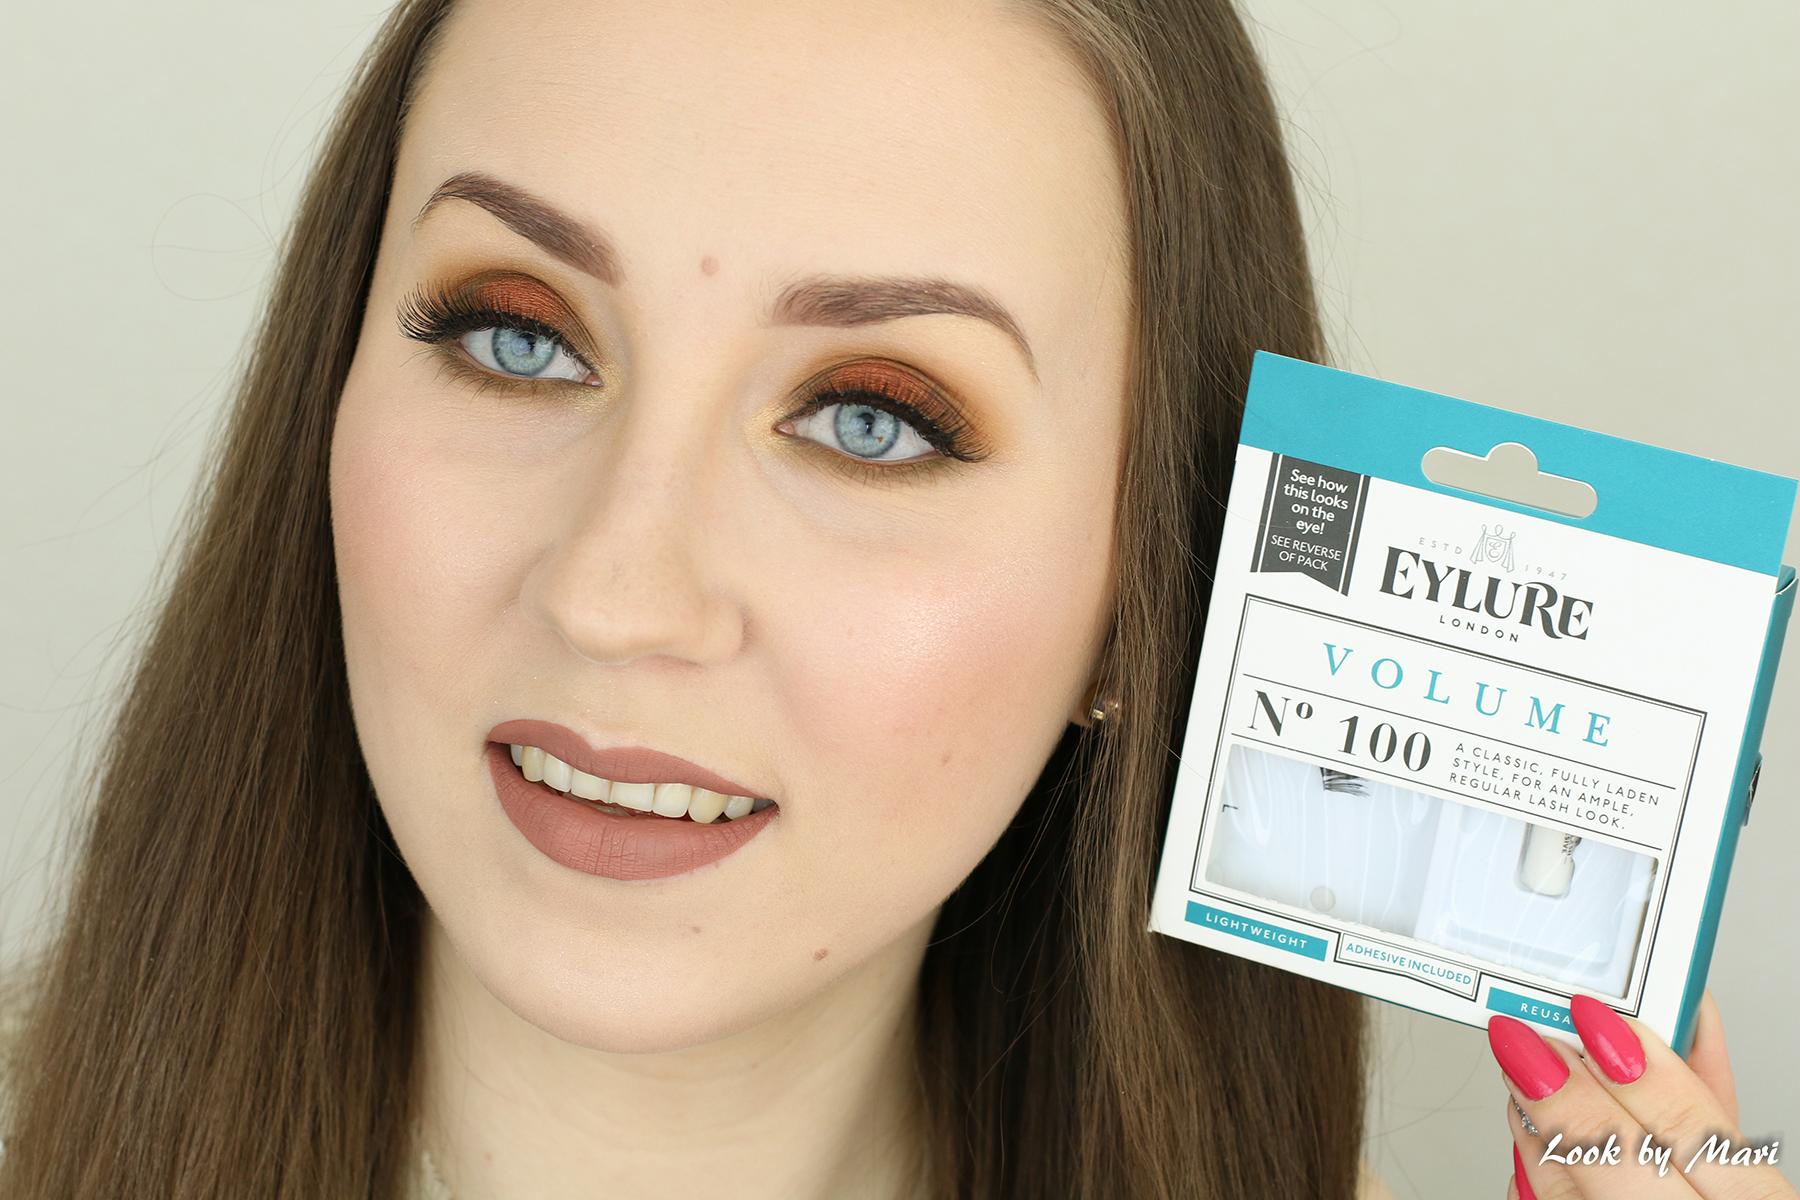 13 eylure volume n 100 kokemuksia review on the eyes silmissä meikki makeup